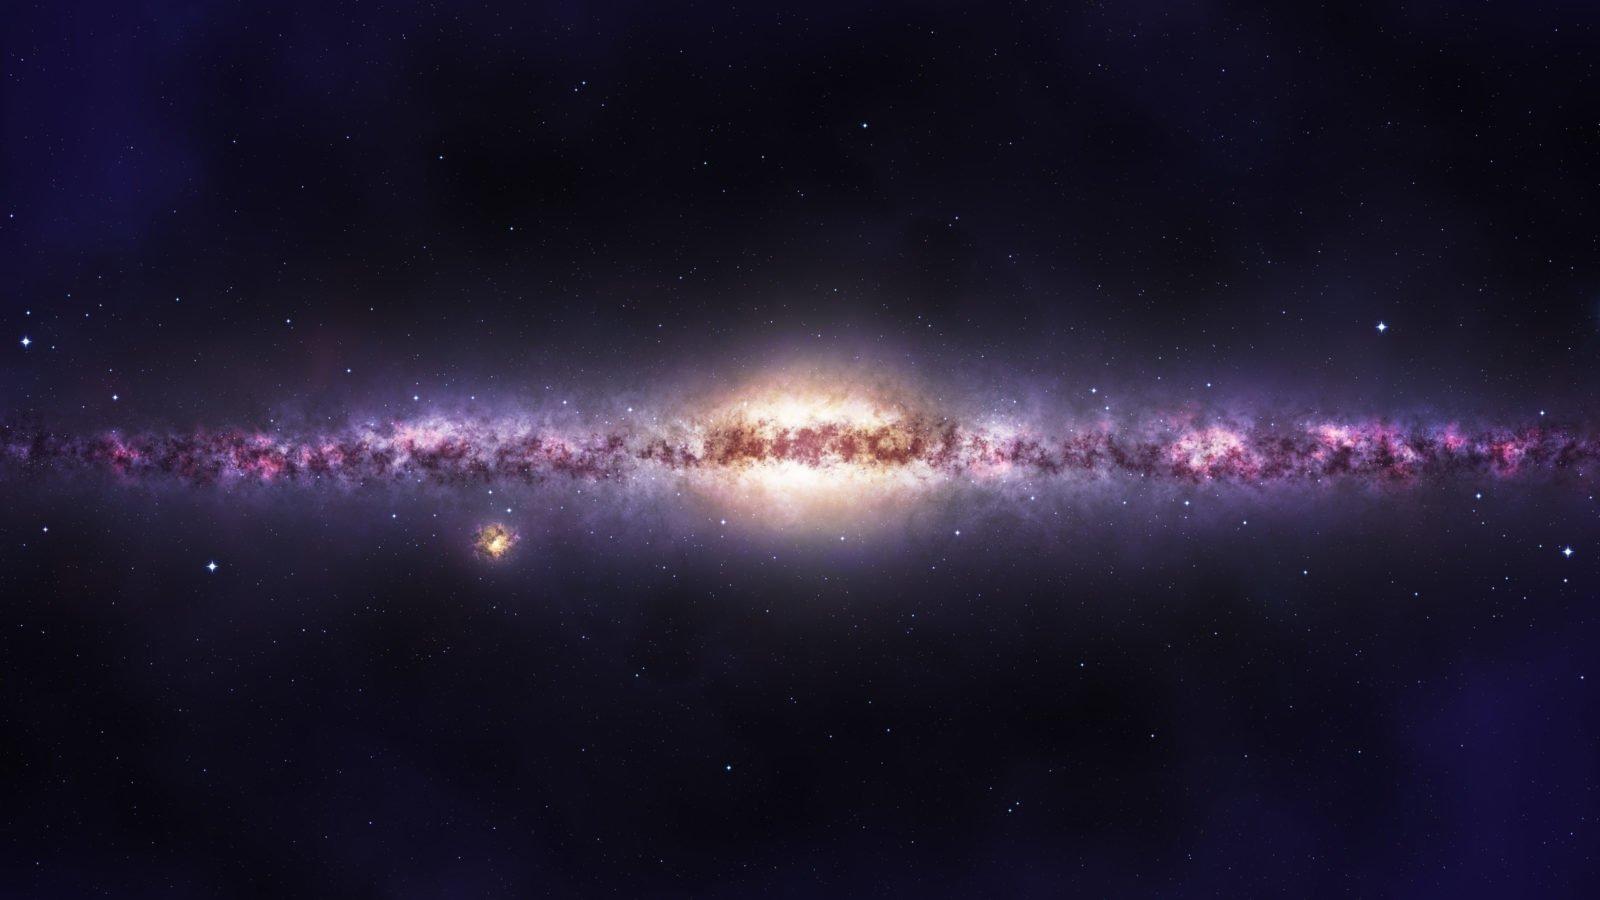 У спутника Млечного Пути нашли необычно много темной материи